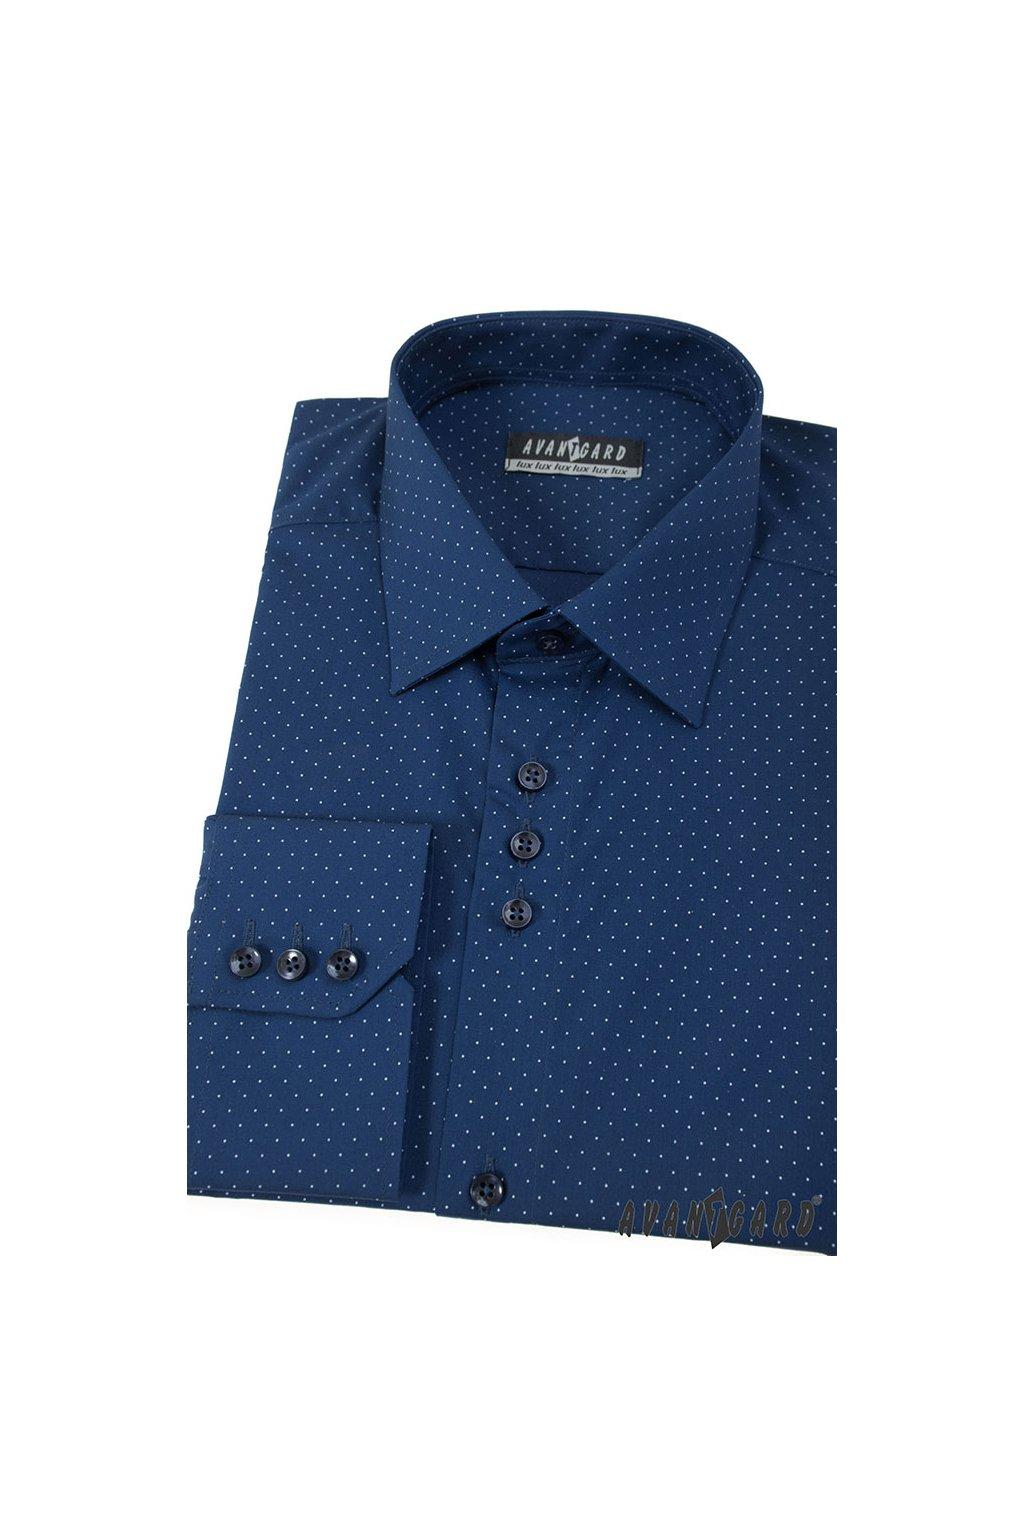 Pánská košile modrá 511 - 3111